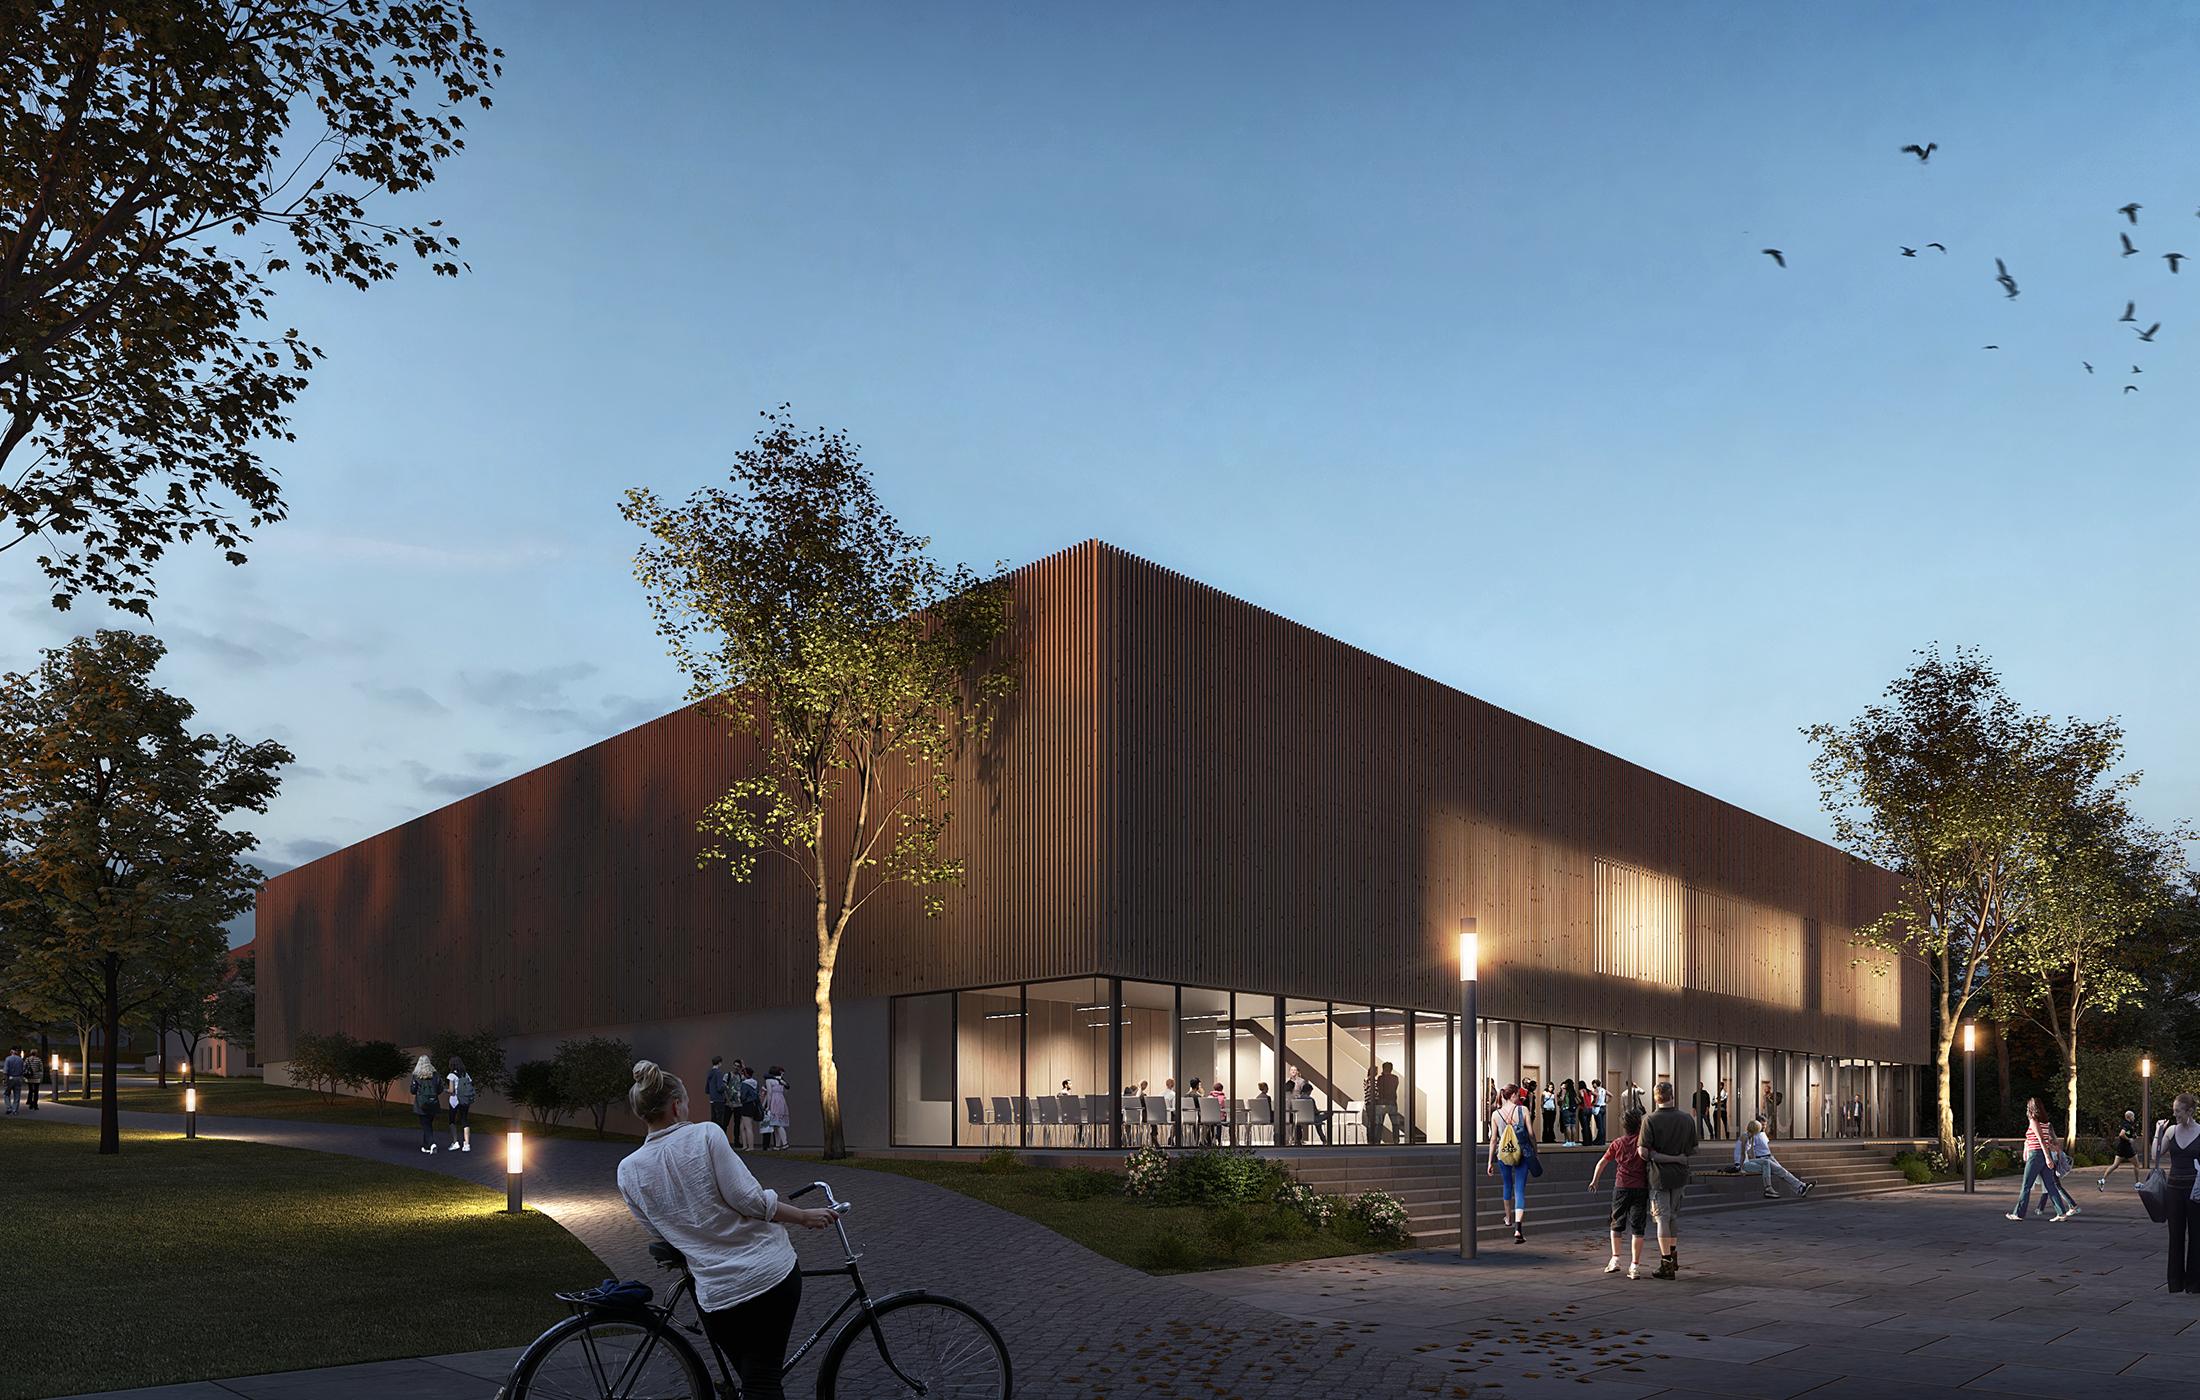 2019, Wettbewerb Neubau Dreifeldhalle, Laupheim